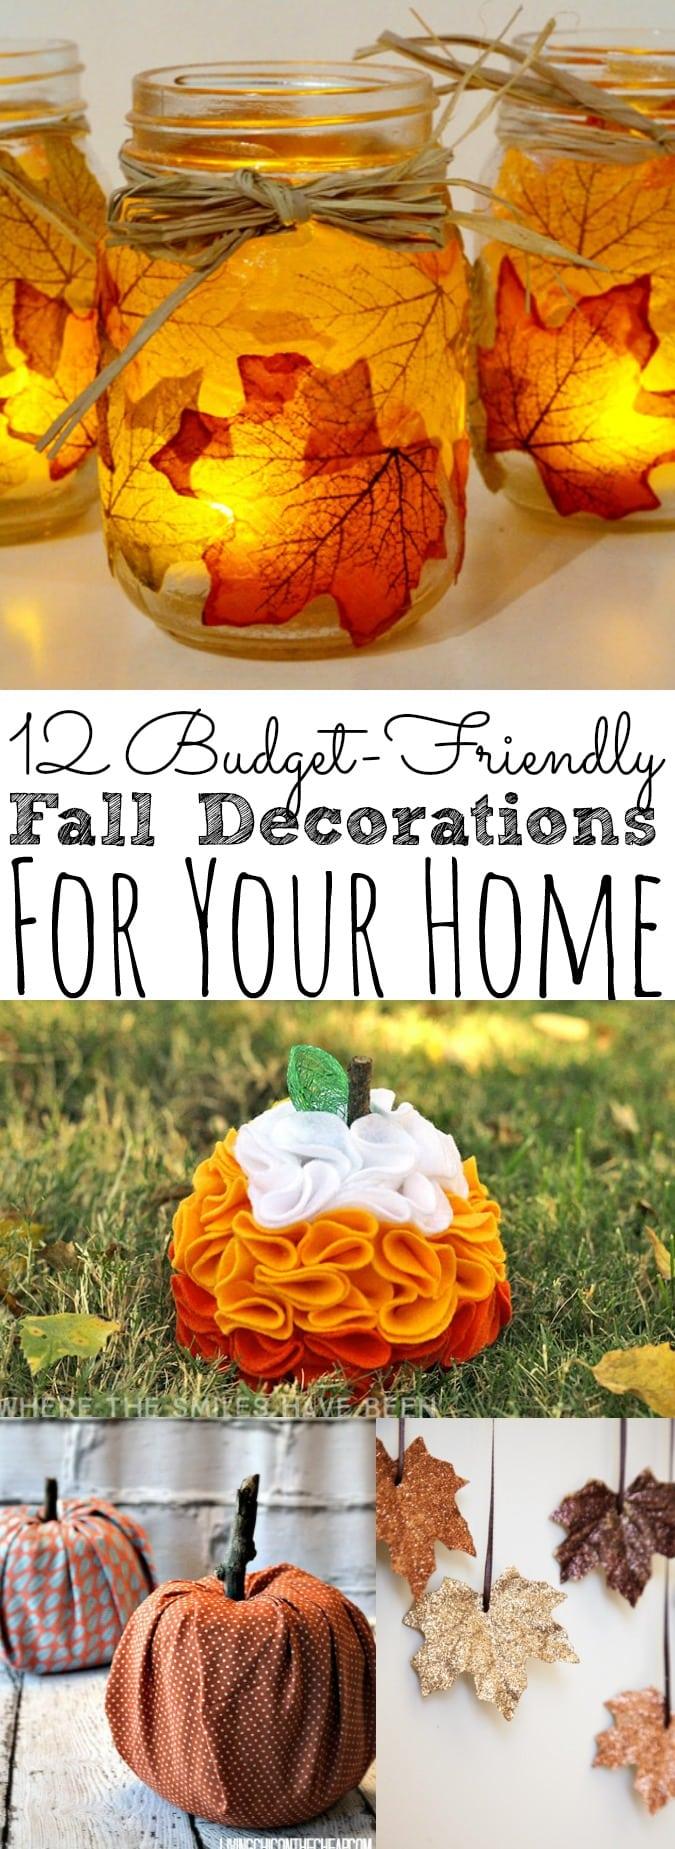 12 Budget-Friendly Fall Decorations - simplytodaylife.com